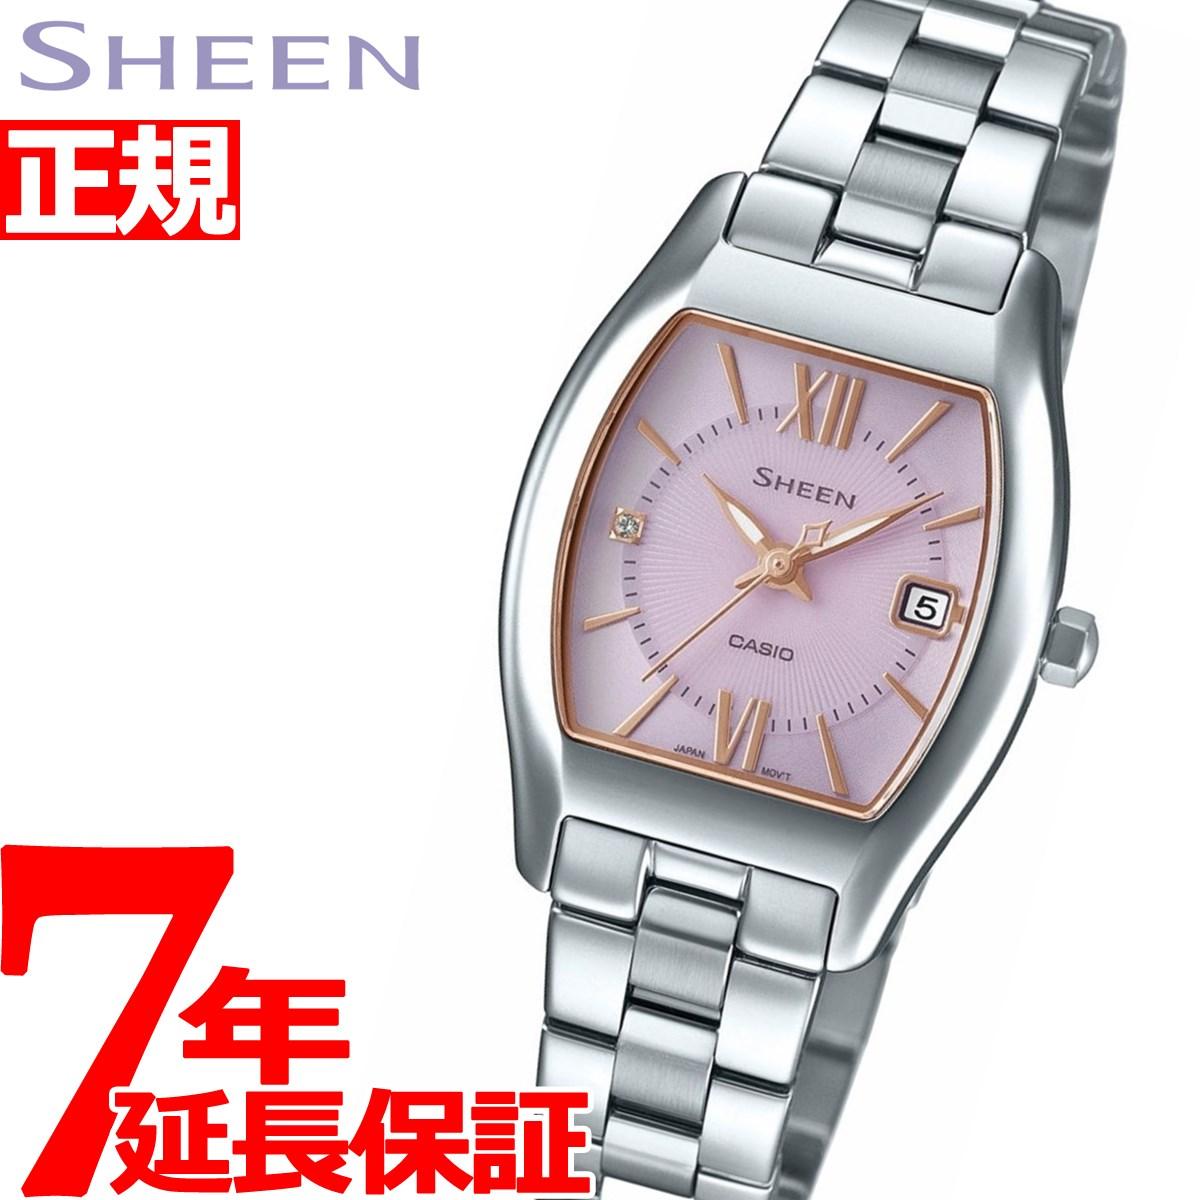 【お買い物マラソンは当店がお得♪本日20より!】カシオ シーン CASIO SHEEN ソーラー 腕時計 レディース SHS-4501D-4AJF